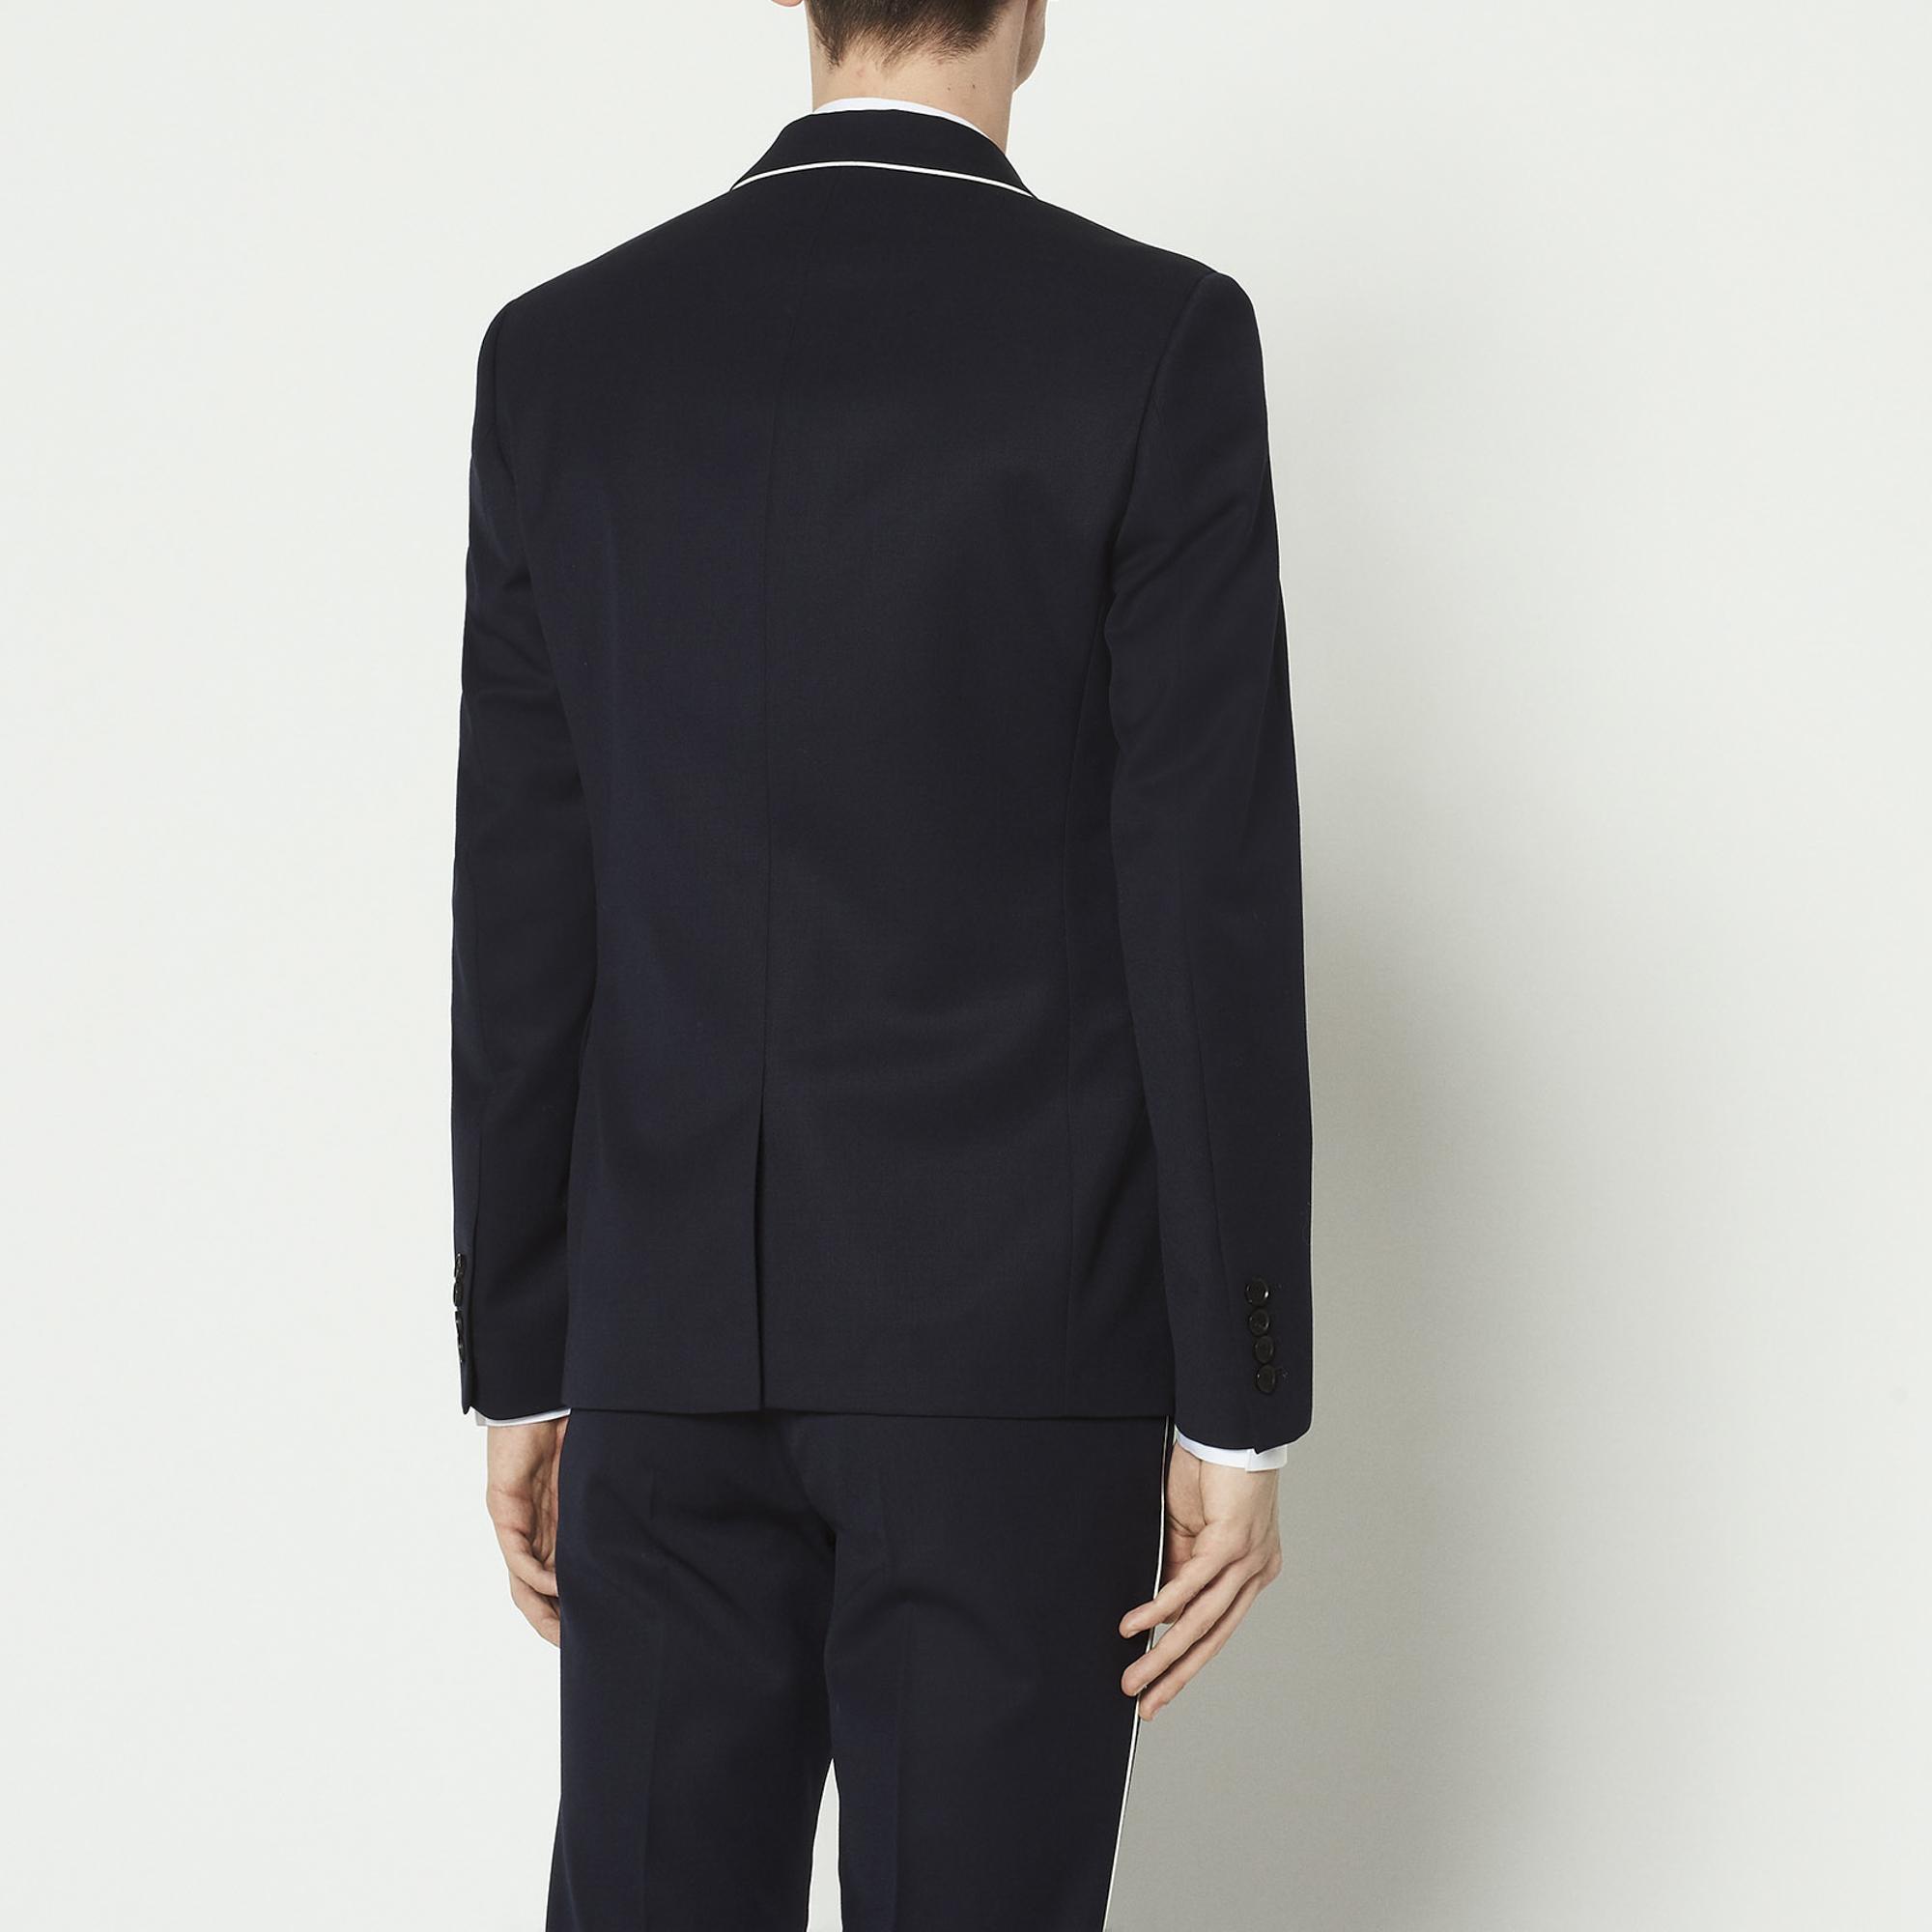 fc11bdcf40 Suit jacket with trim